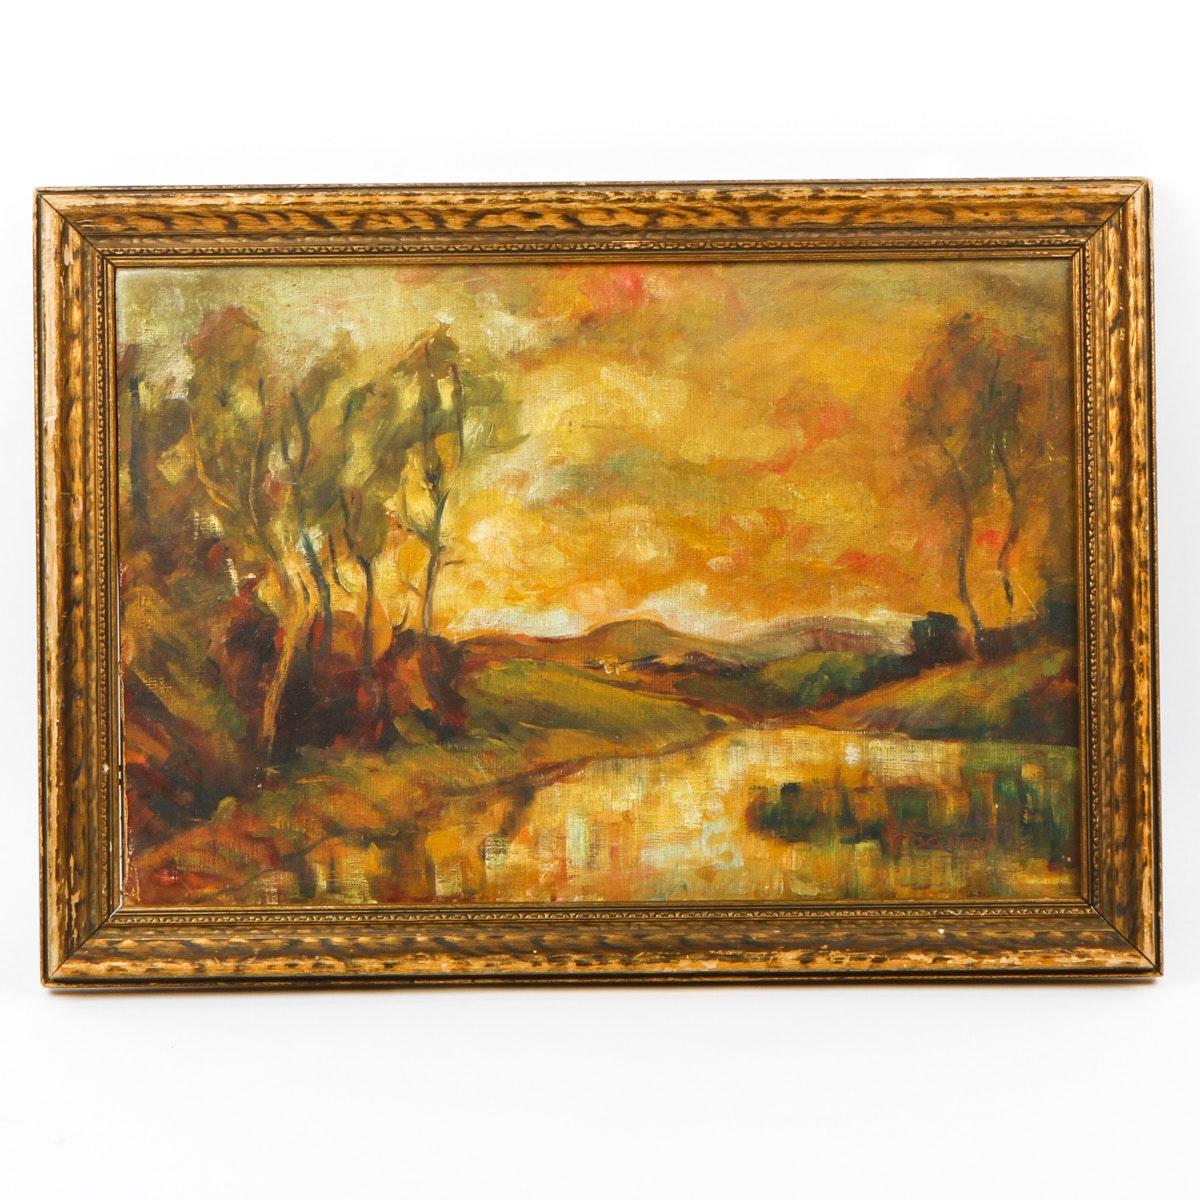 Framed Oil Landscape Painting